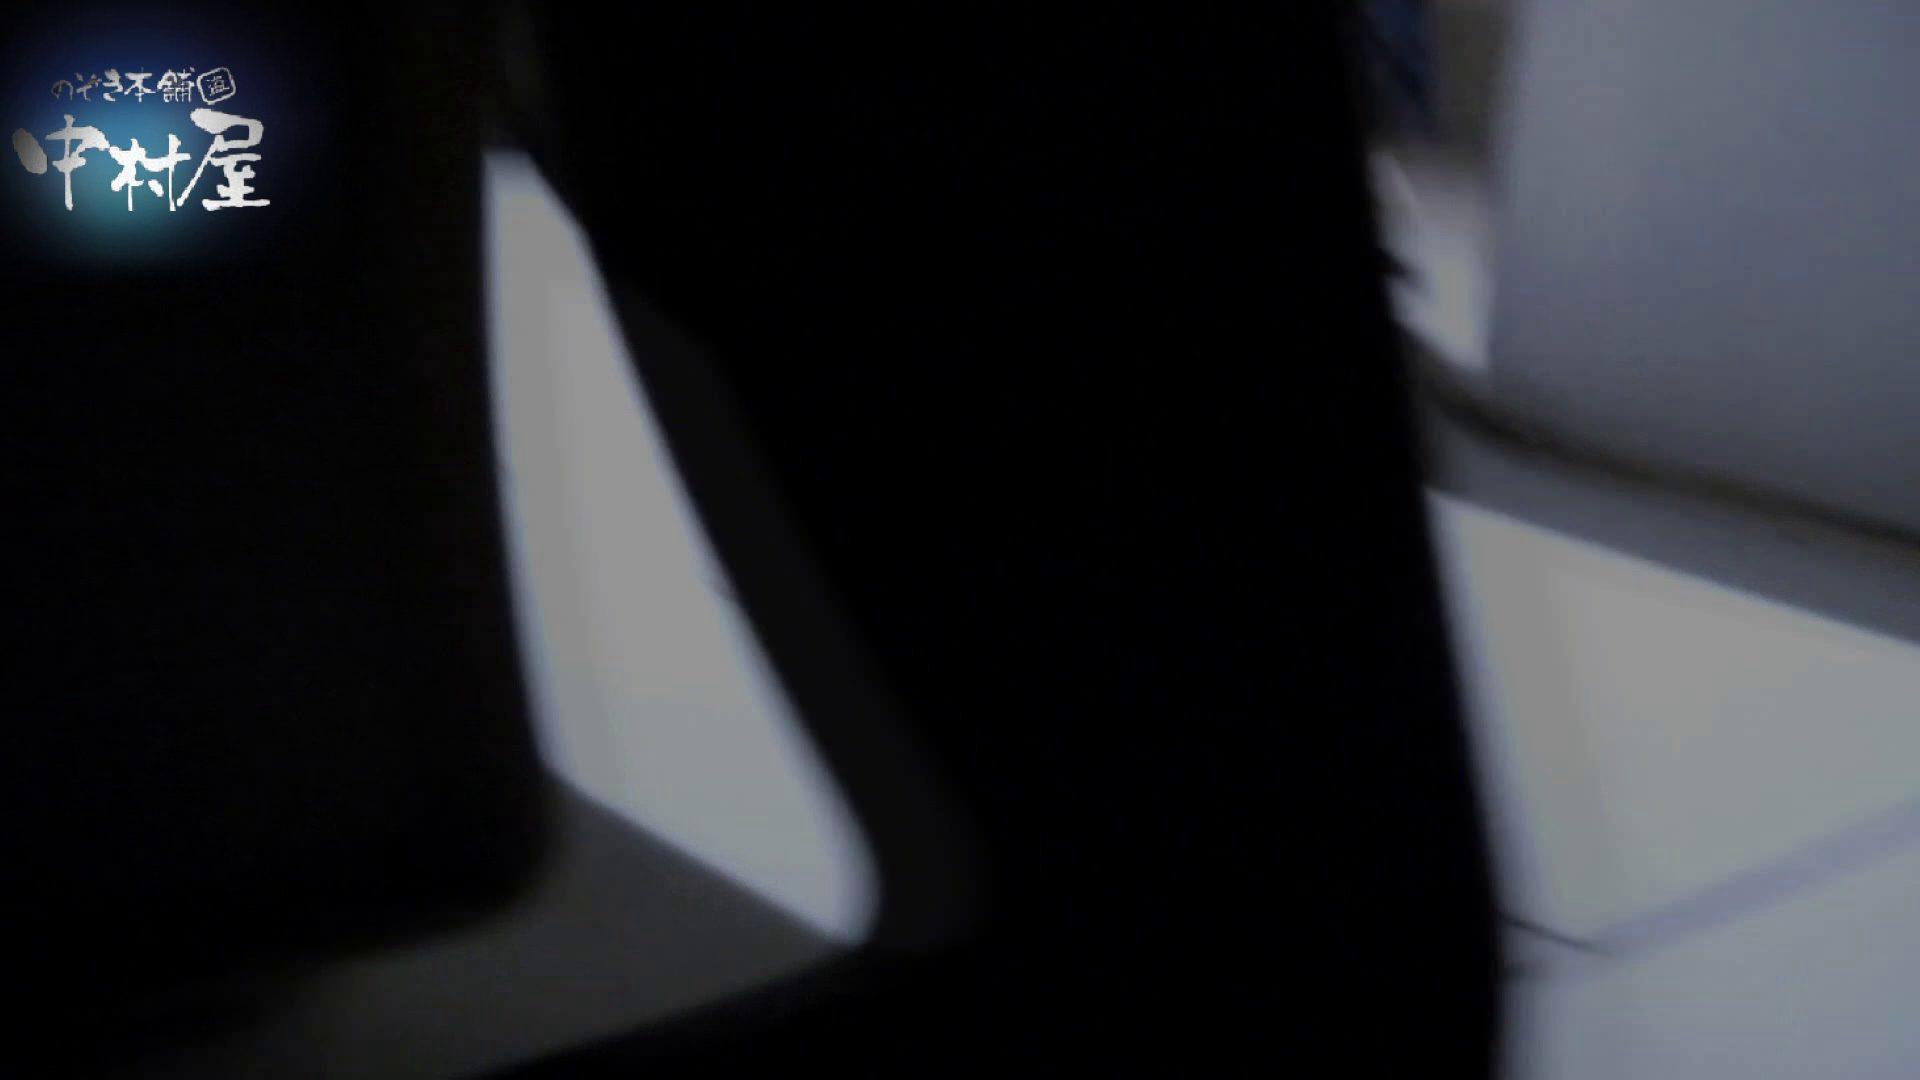 乙女集まる!ショッピングモール潜入撮vol.07 トイレ 盗撮ワレメ無修正動画無料 102画像 51